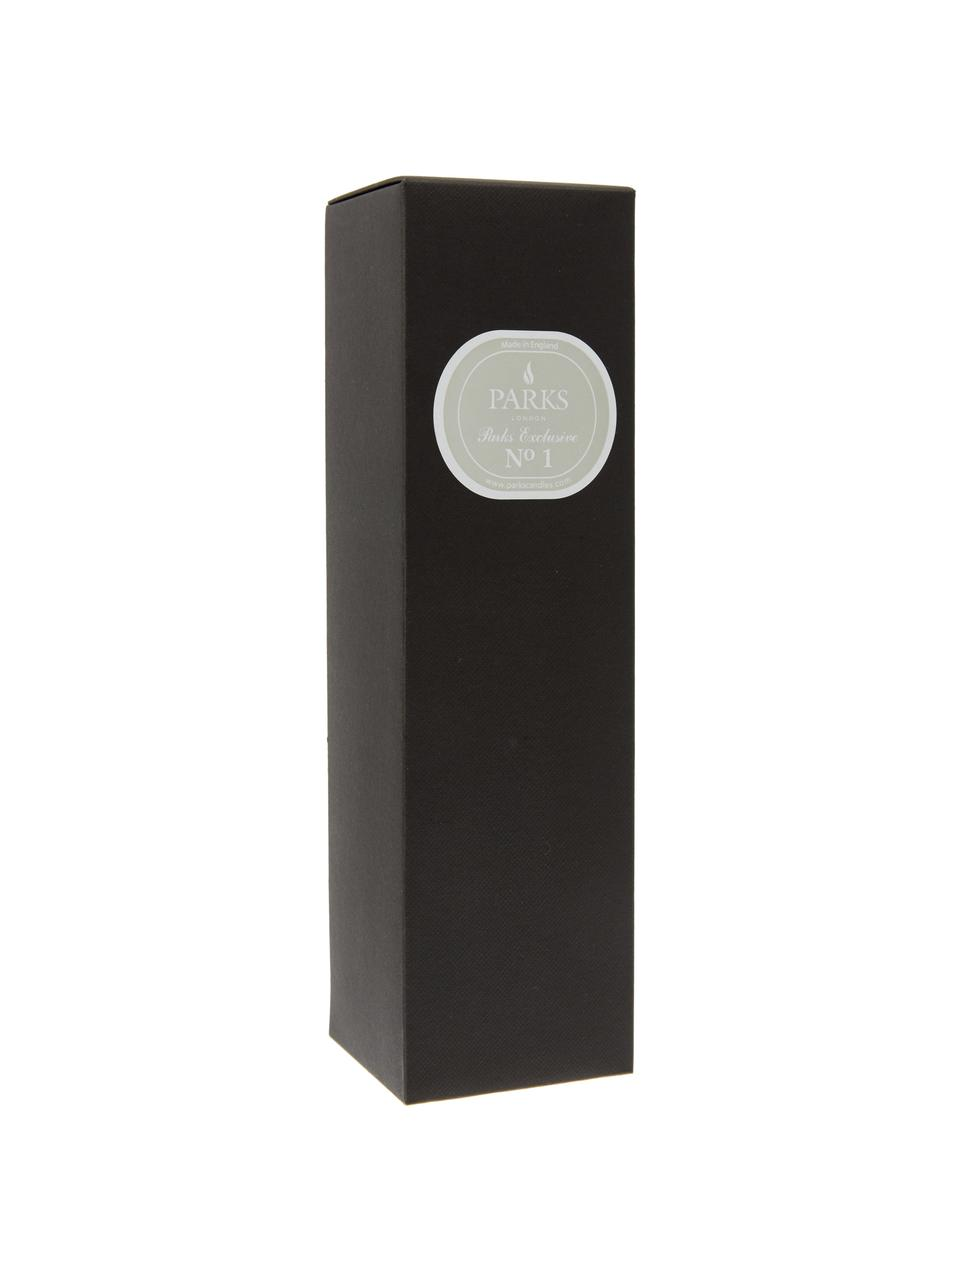 Diffuseur Parks Exclusive nº1 (bois de santal et vanille), Transparent, brun clair, gris